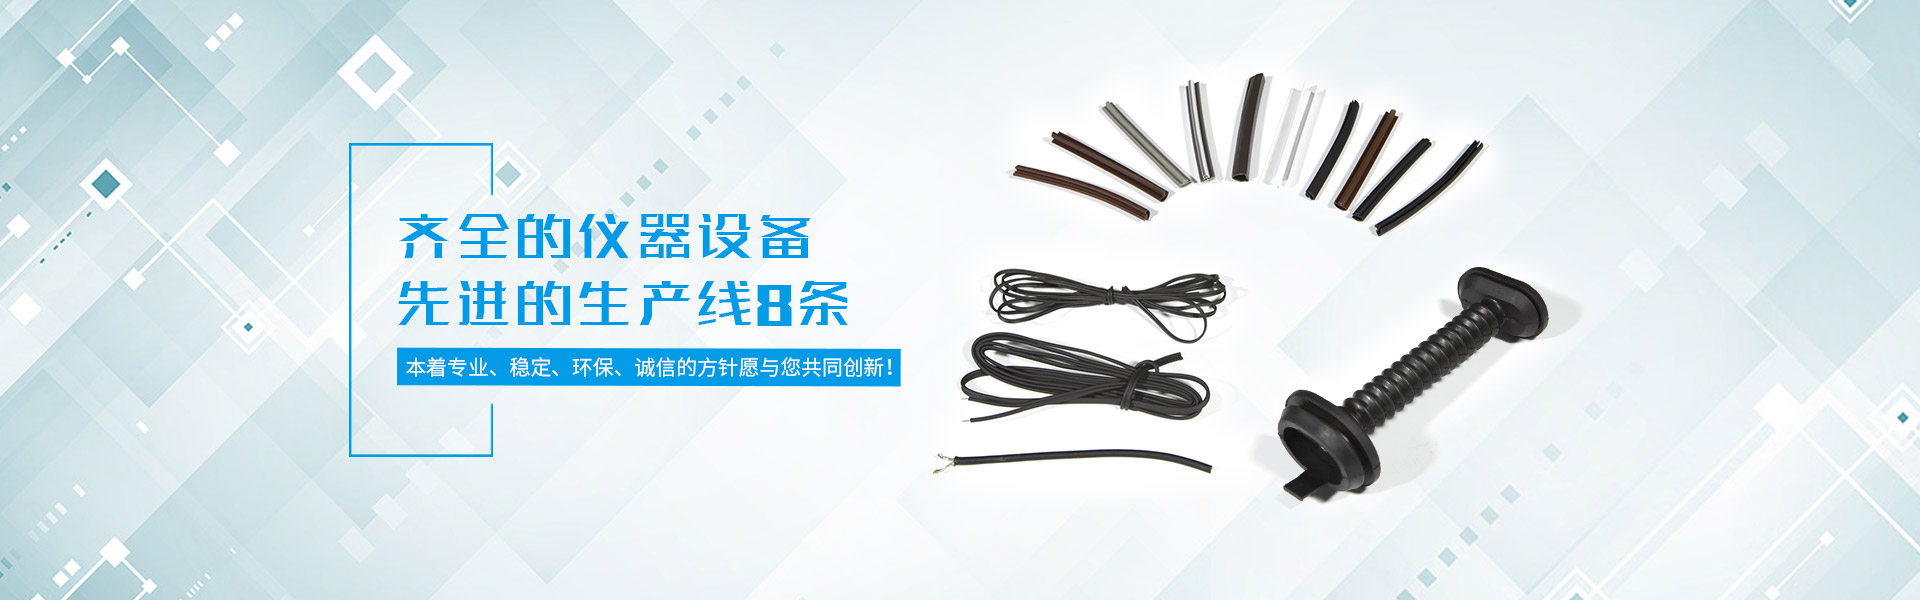 上海多聚塑胶有限公司